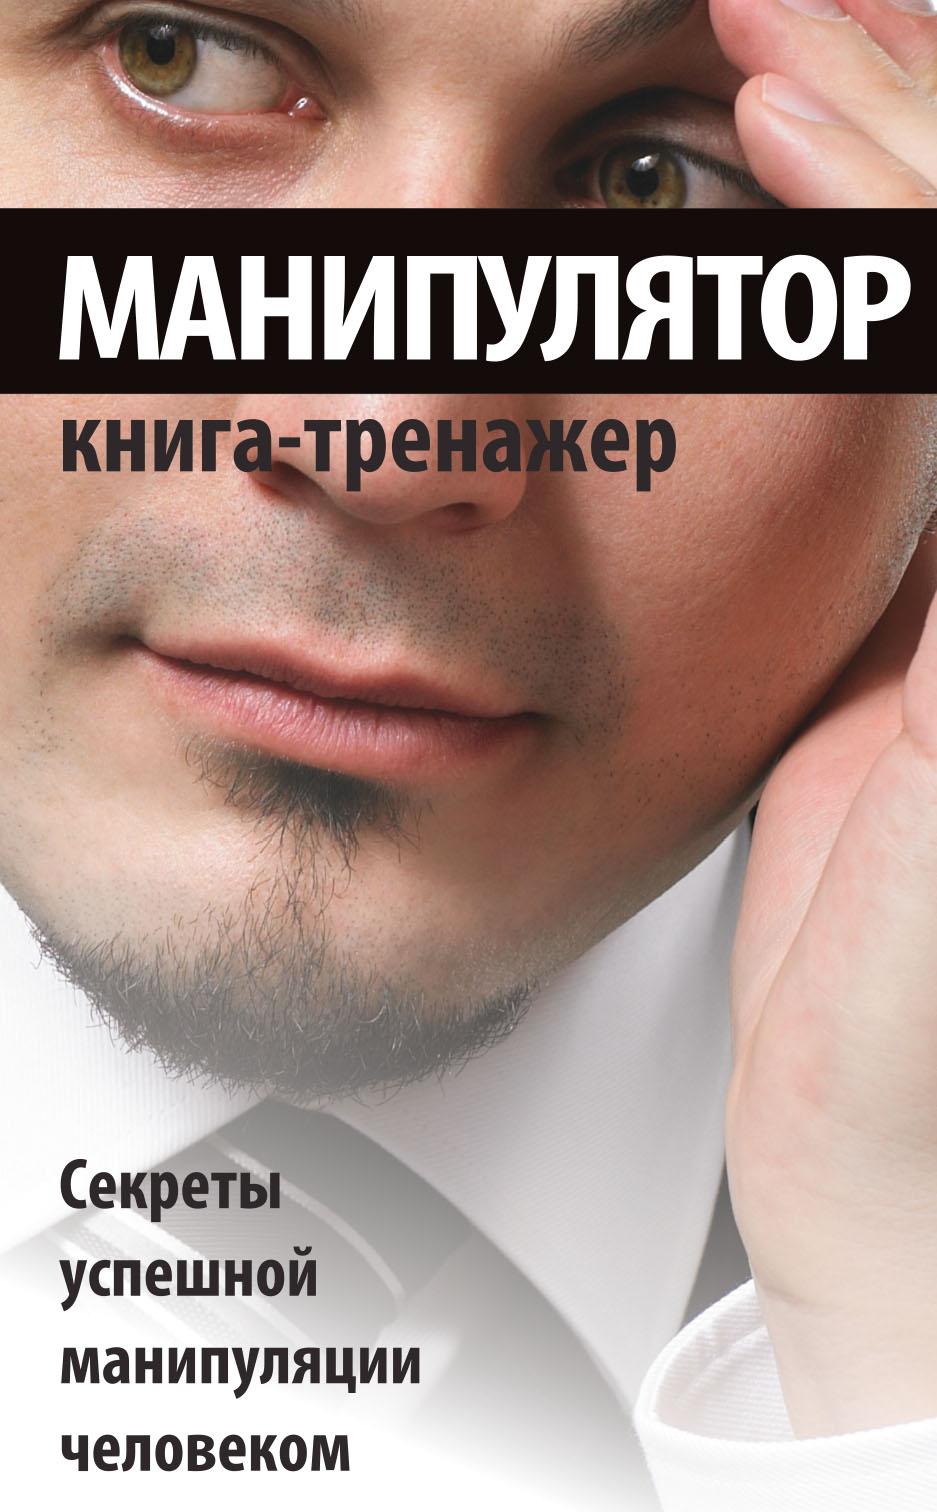 Манипулятор. Секреты успешной манипуляции человеком